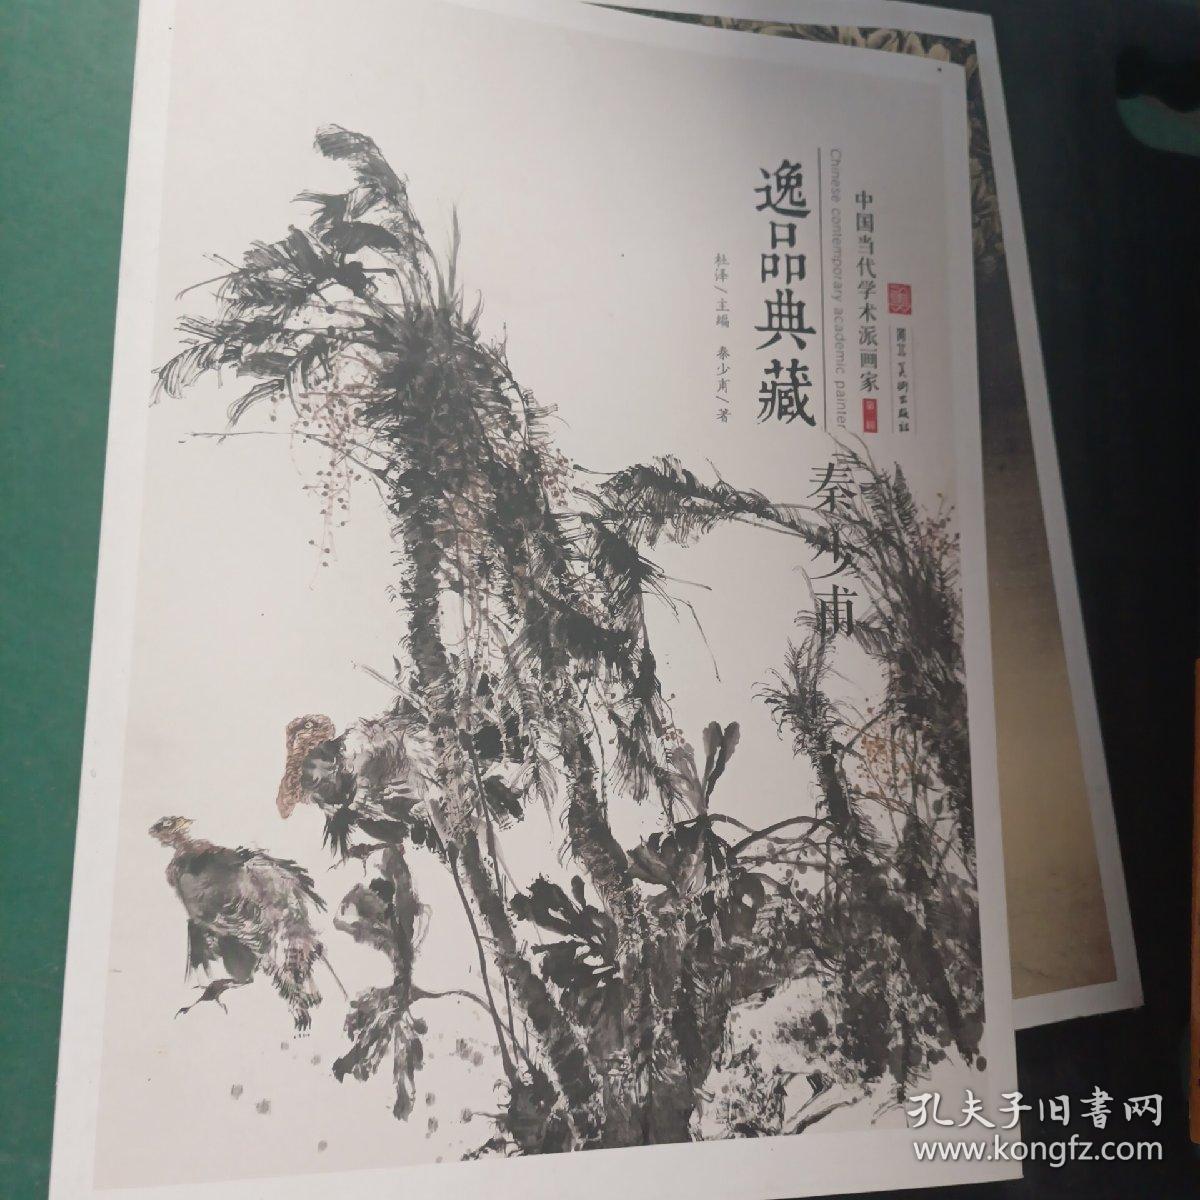 逸品典藏 中国当代学术派画家 秦少甫